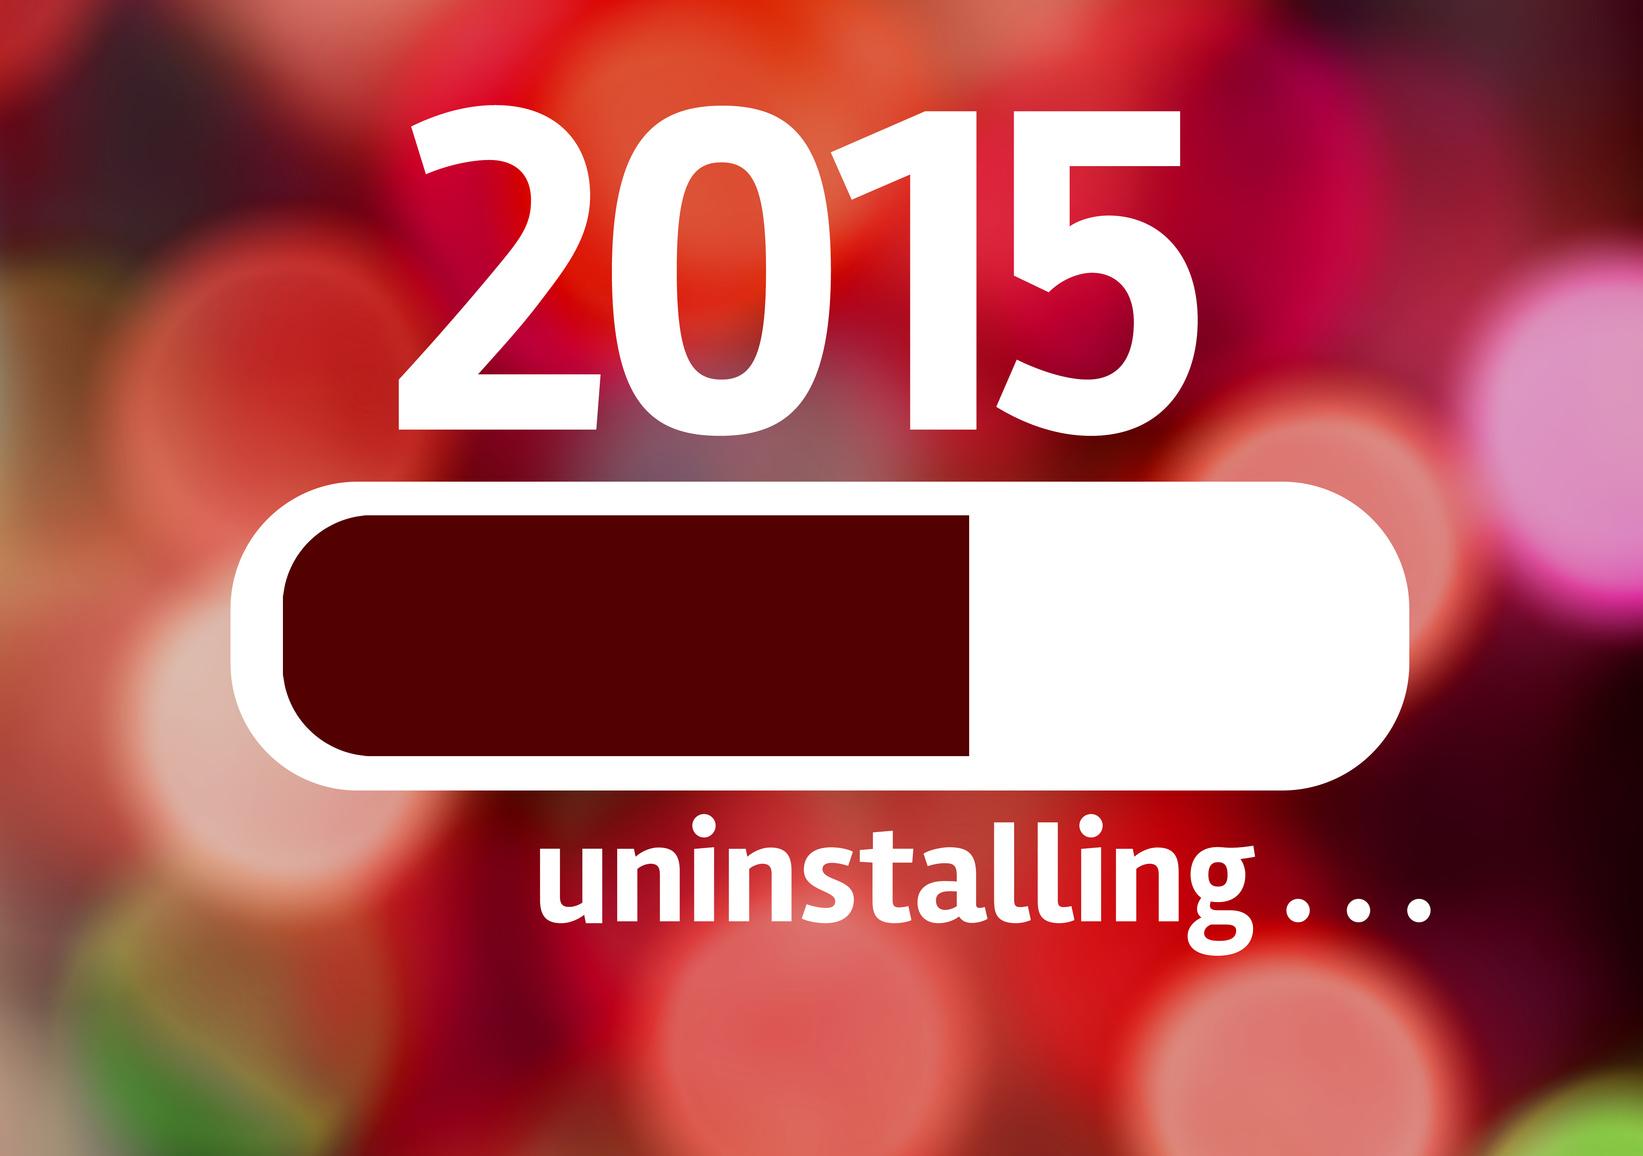 2015 年 Ruby 大盘点 技术分享